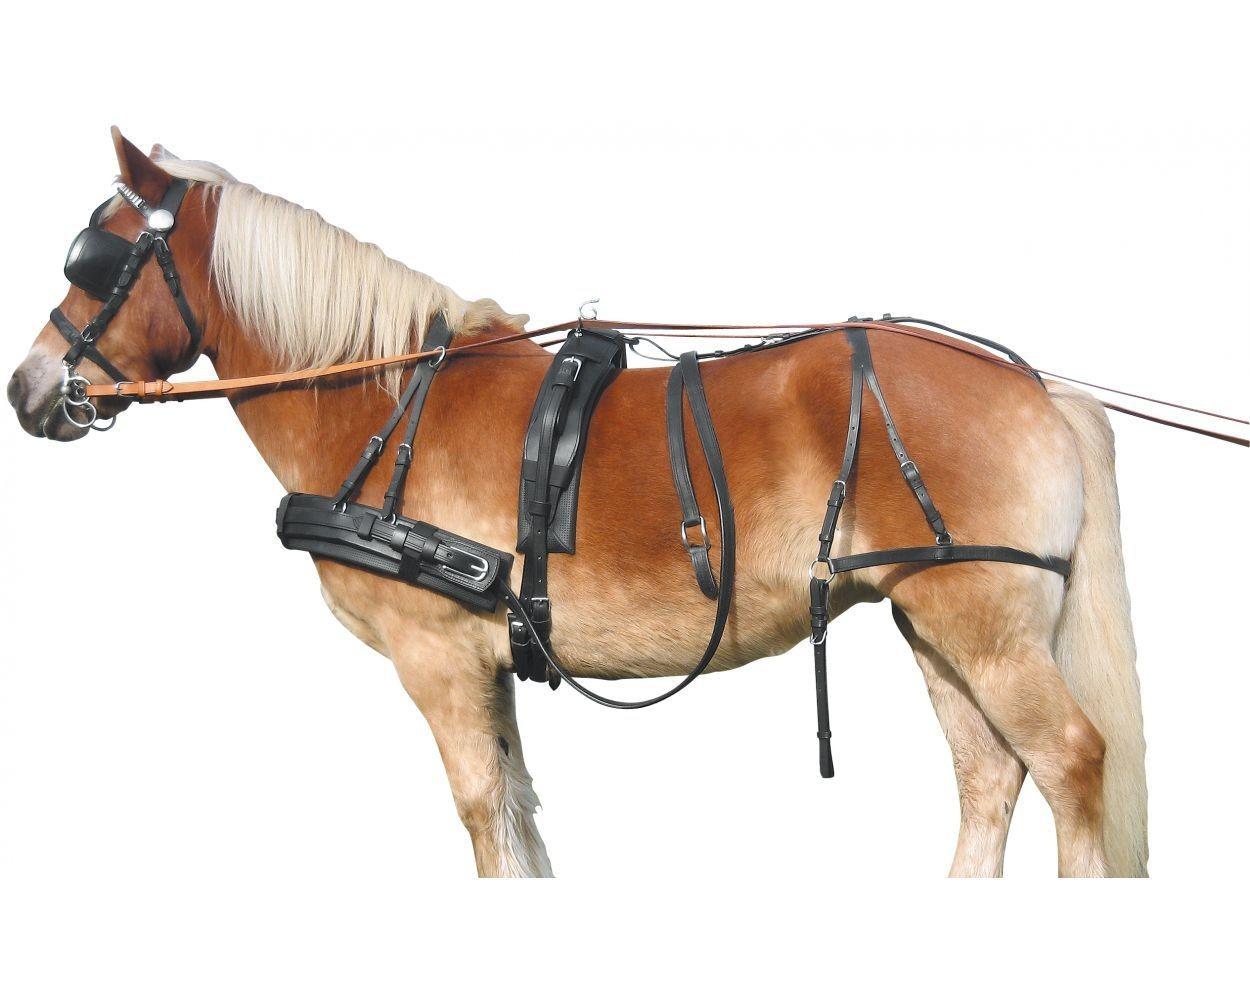 Как запрячь коня: элементы упряжи и правила запряжки